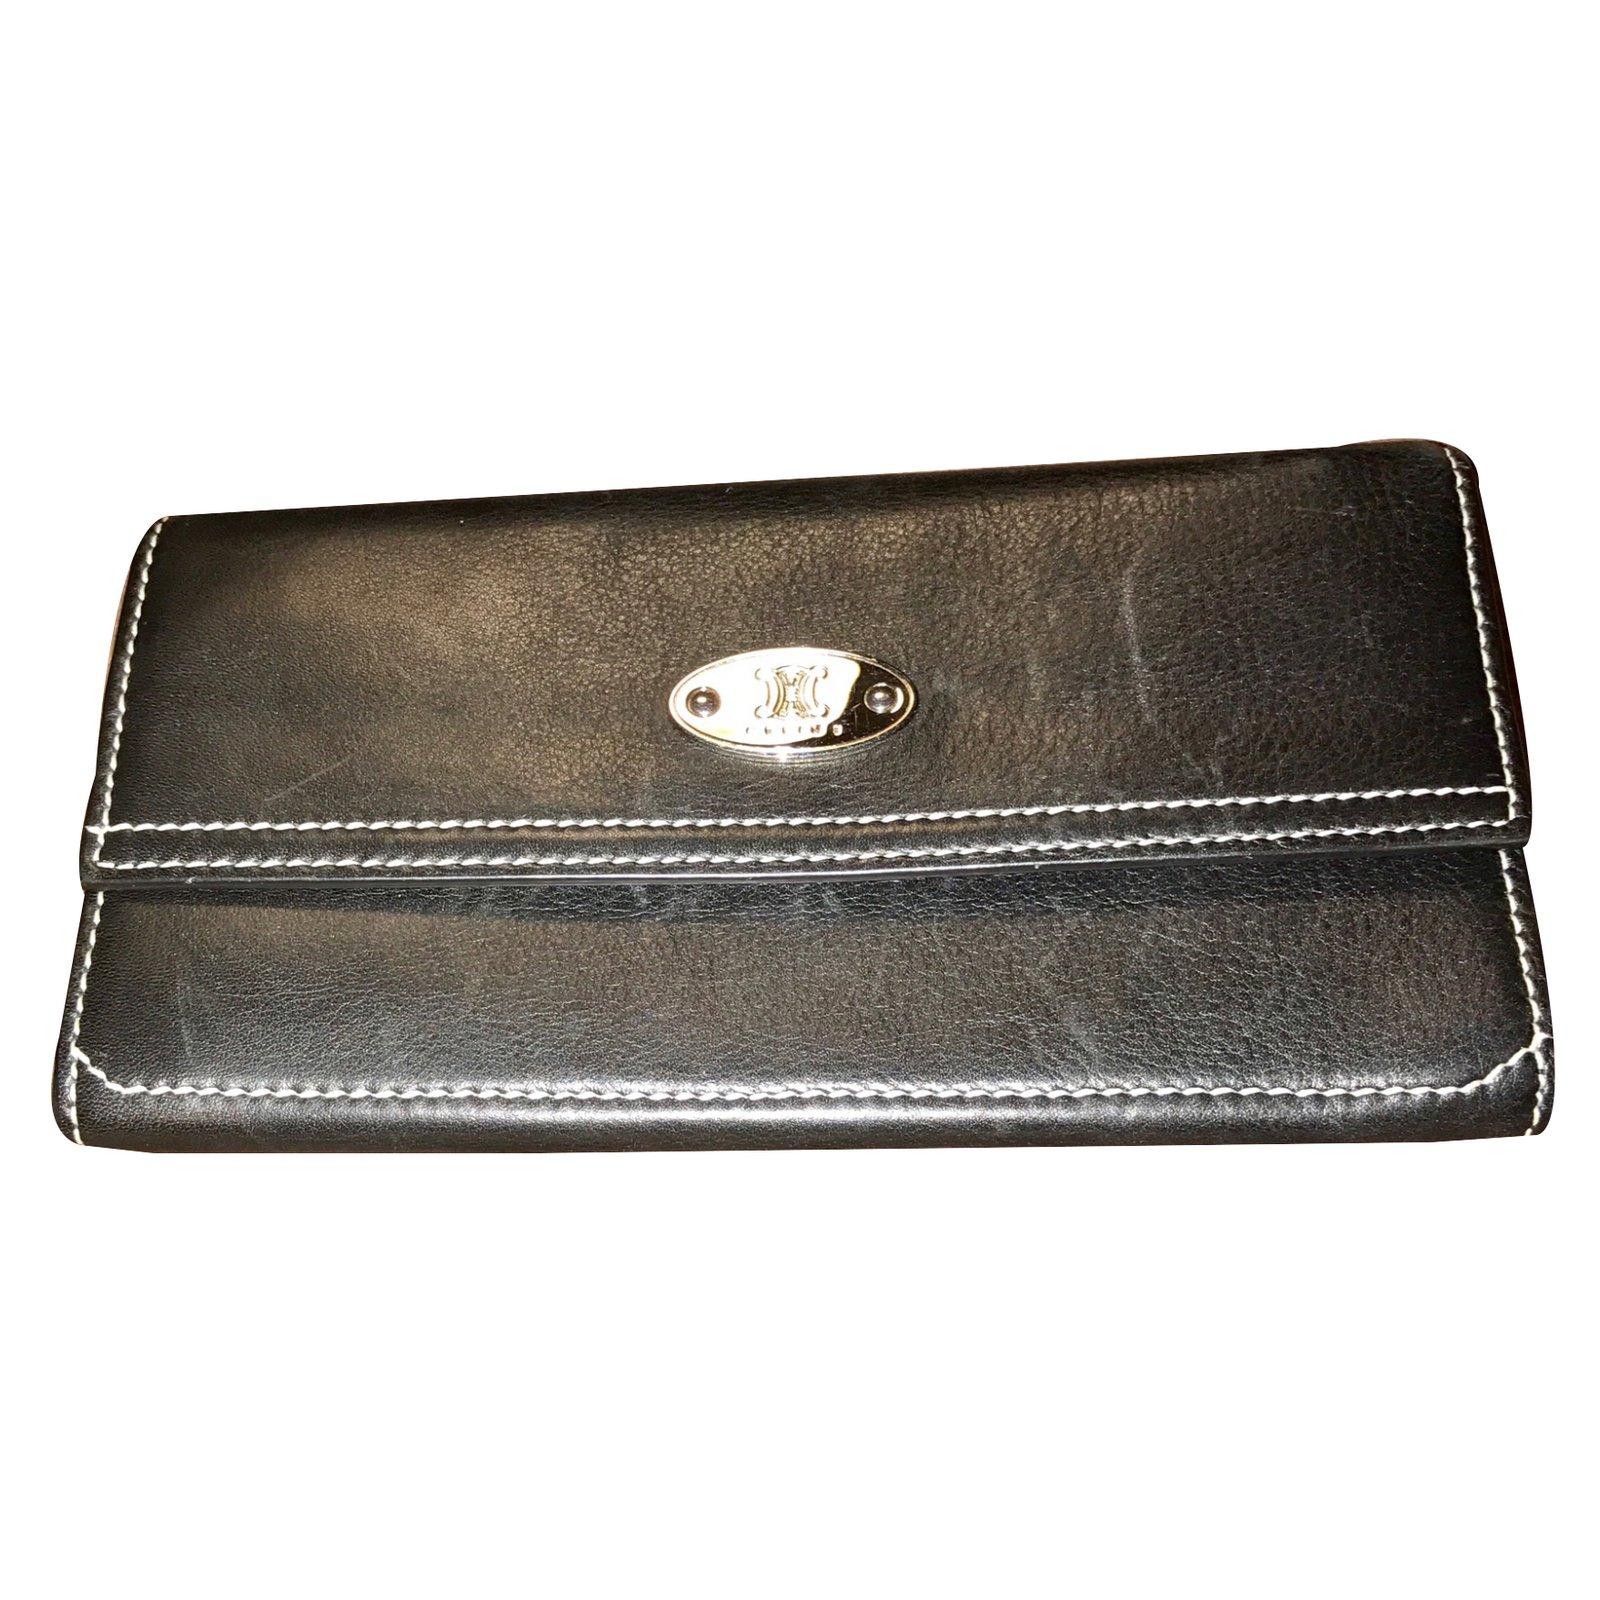 portefeuilles c line portefeuille de la marque celine mixte cuir noir joli closet. Black Bedroom Furniture Sets. Home Design Ideas